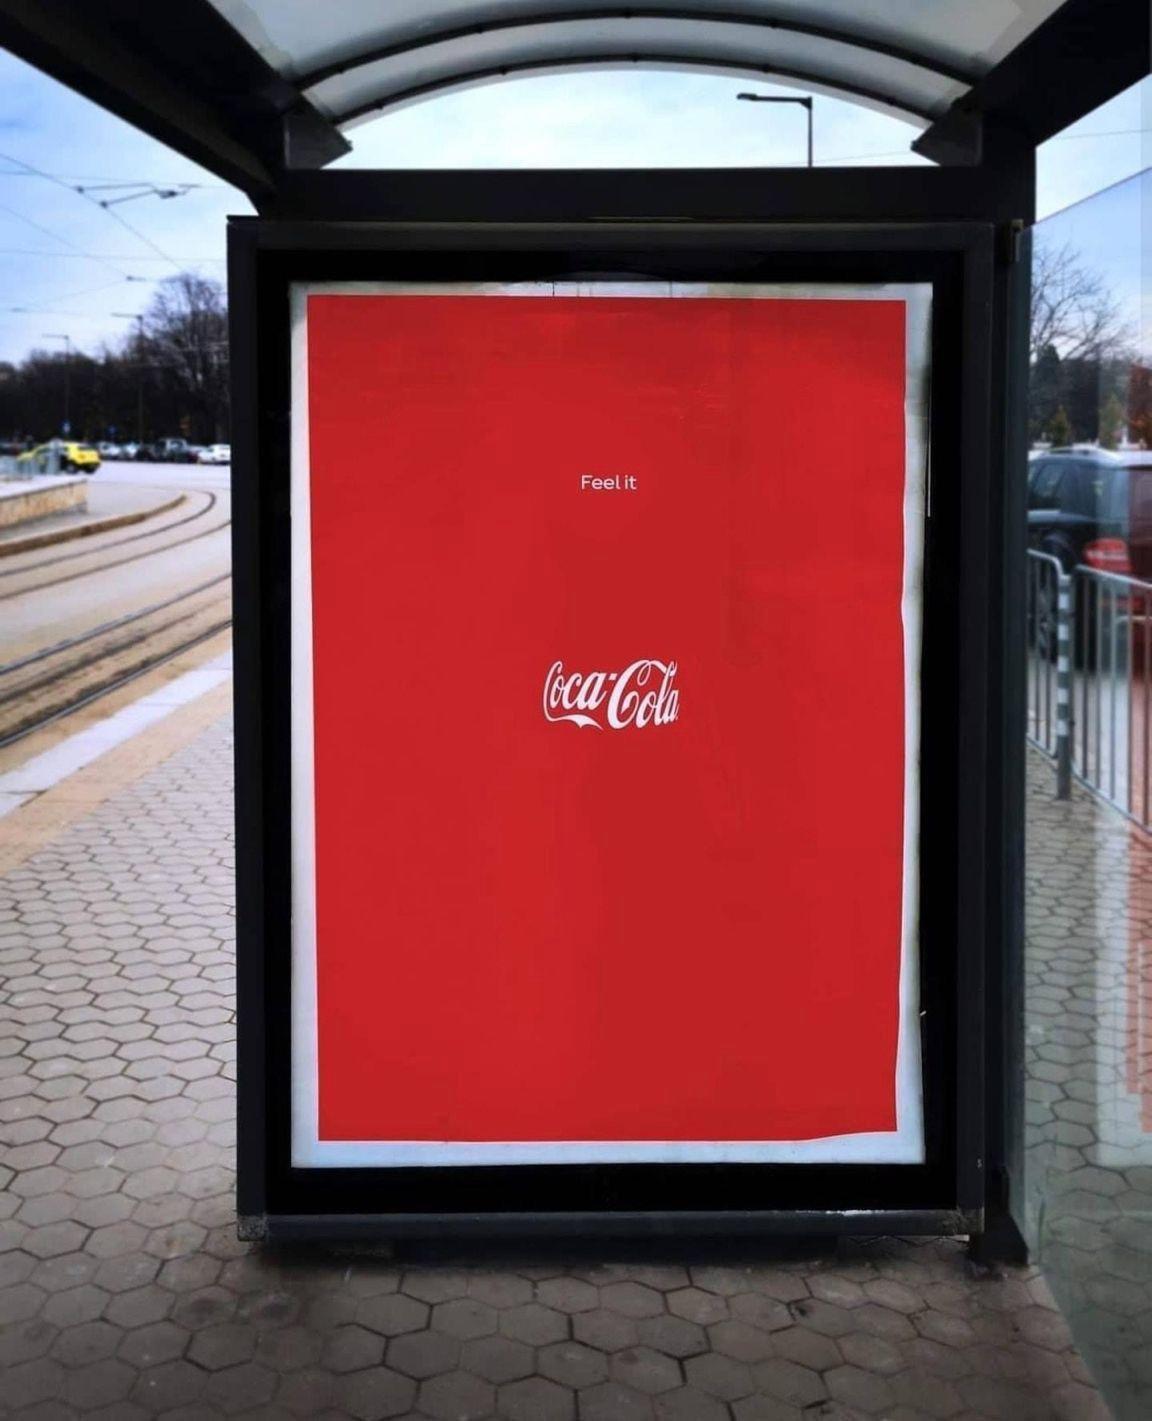 Coca-Cola: Invisible branding